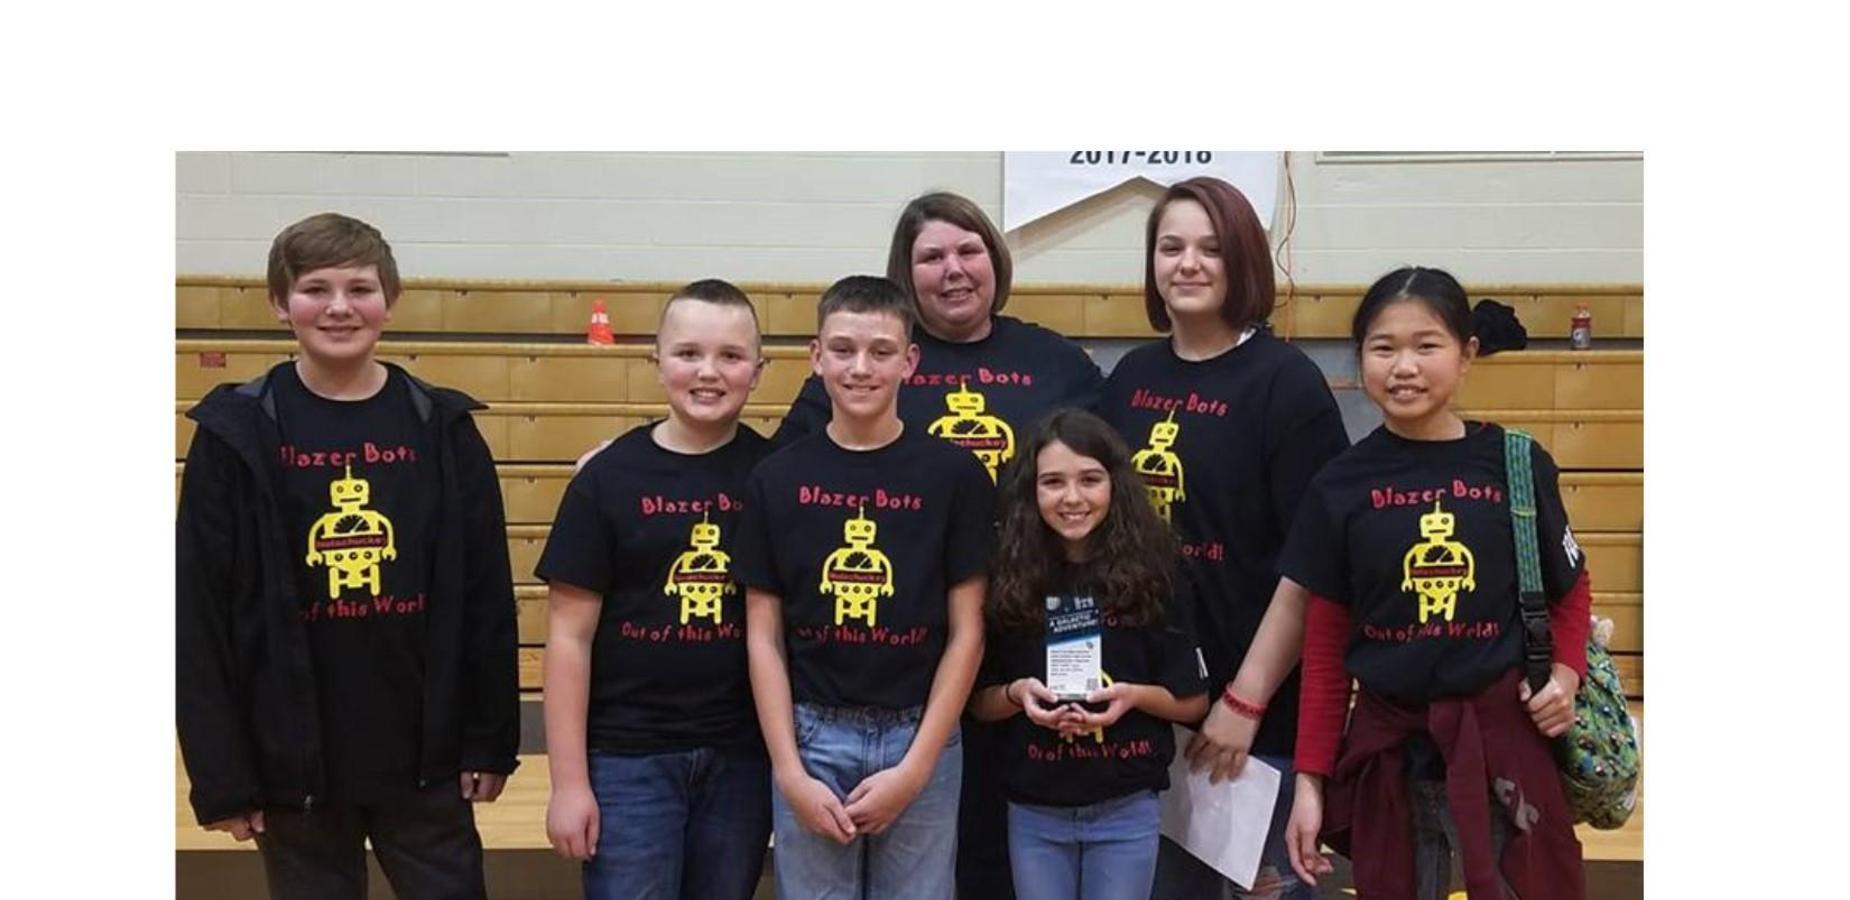 Nolachuckey robotics team photo